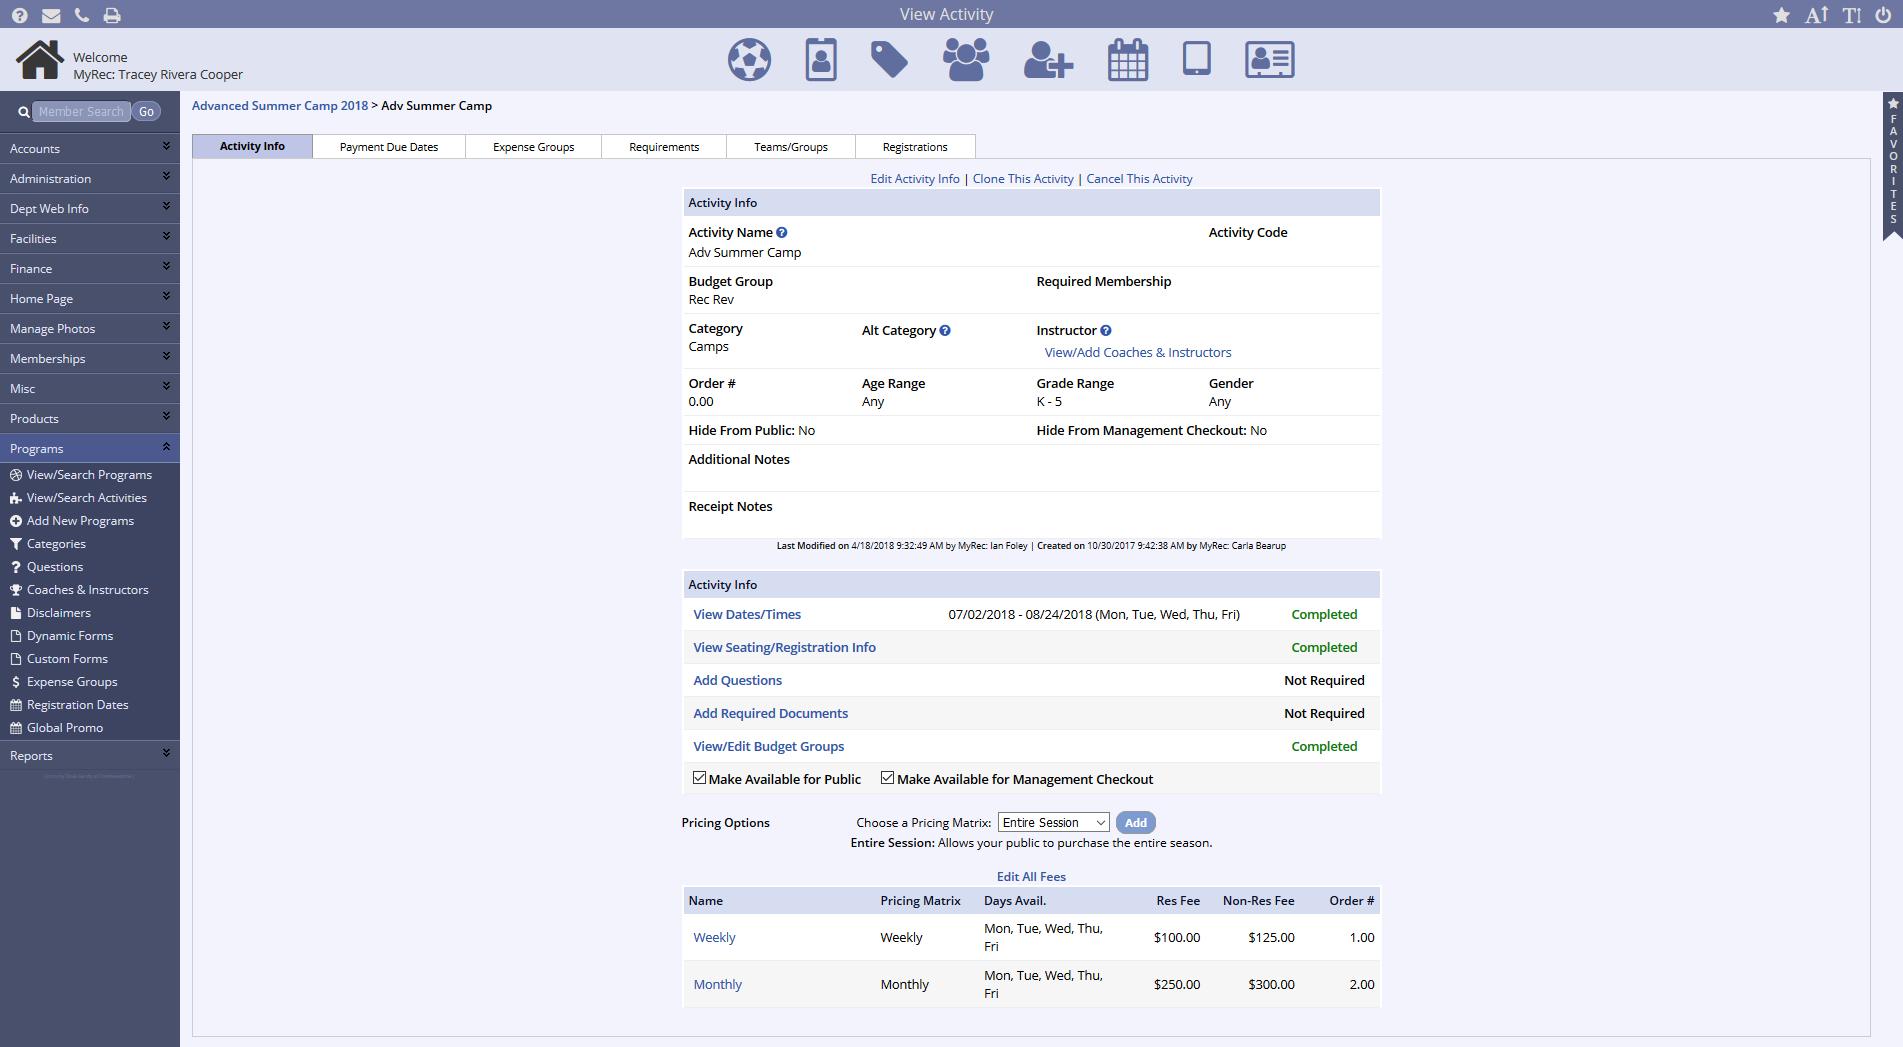 MyRec.com activity tracking